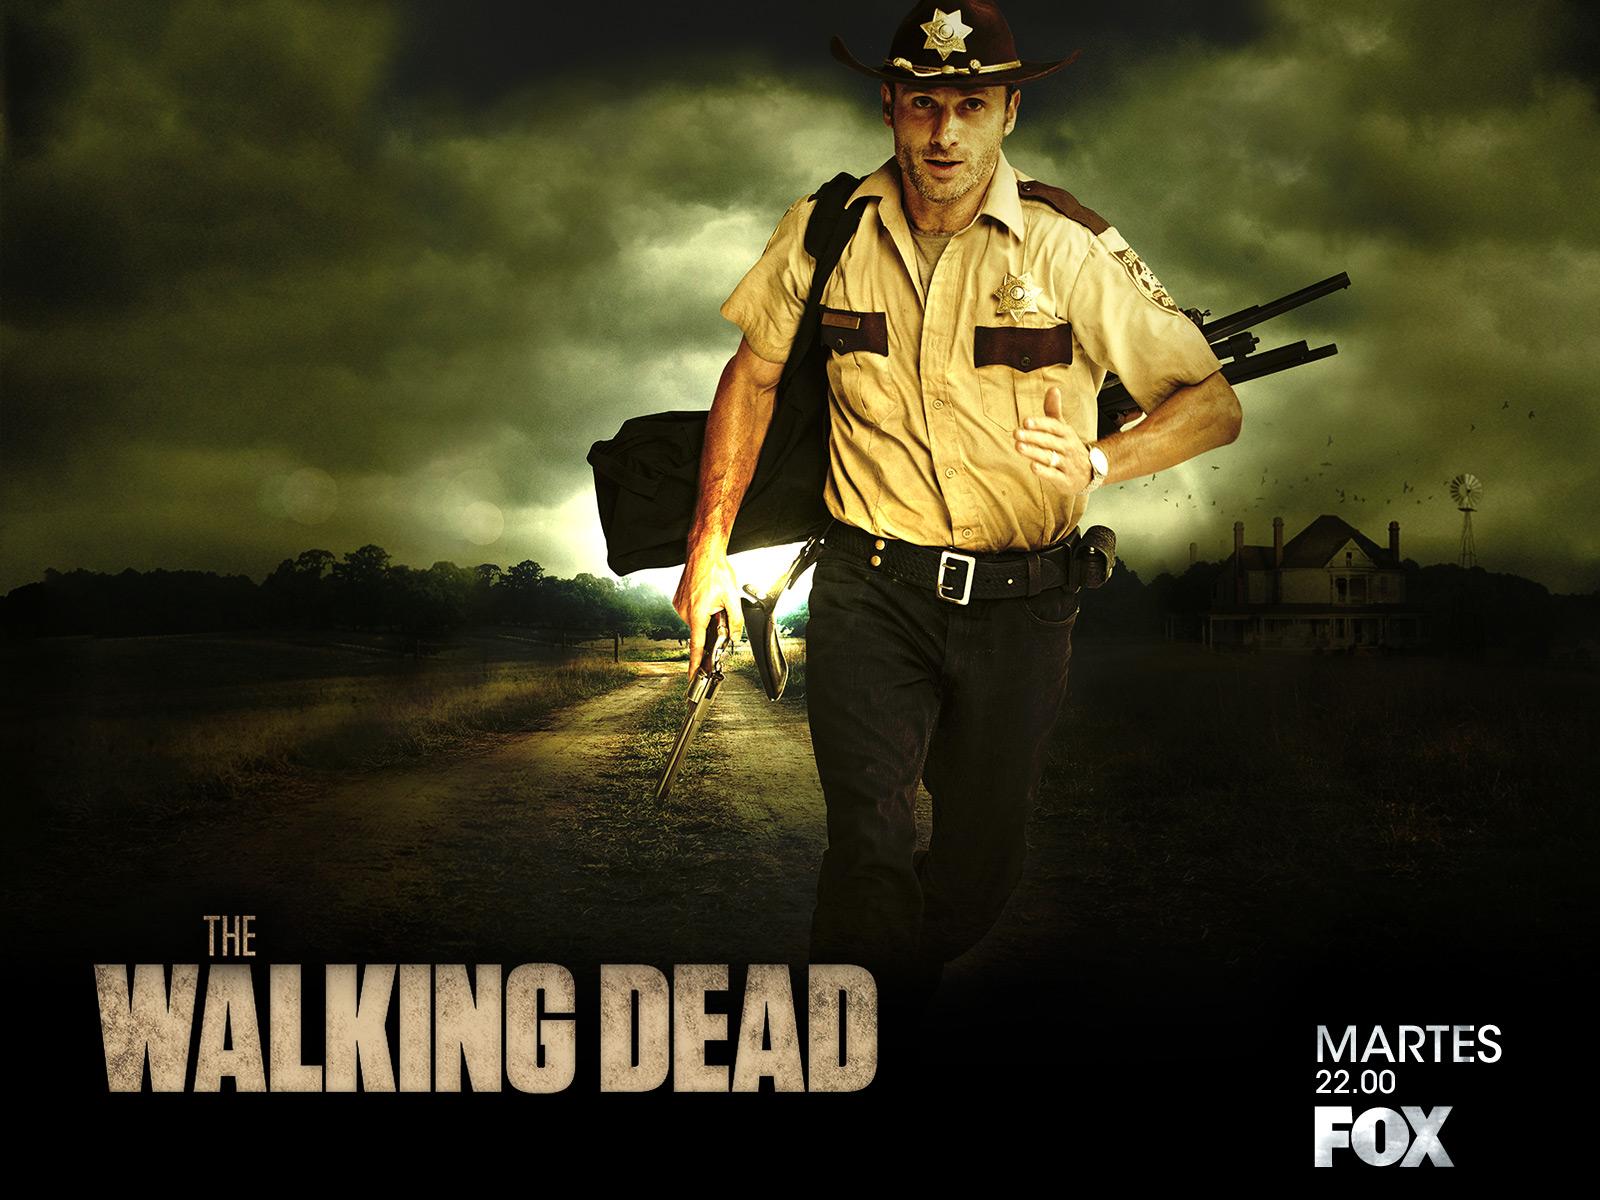 The-Walking-Dead-the-walking-dead-30371924-1600-1200.jpg